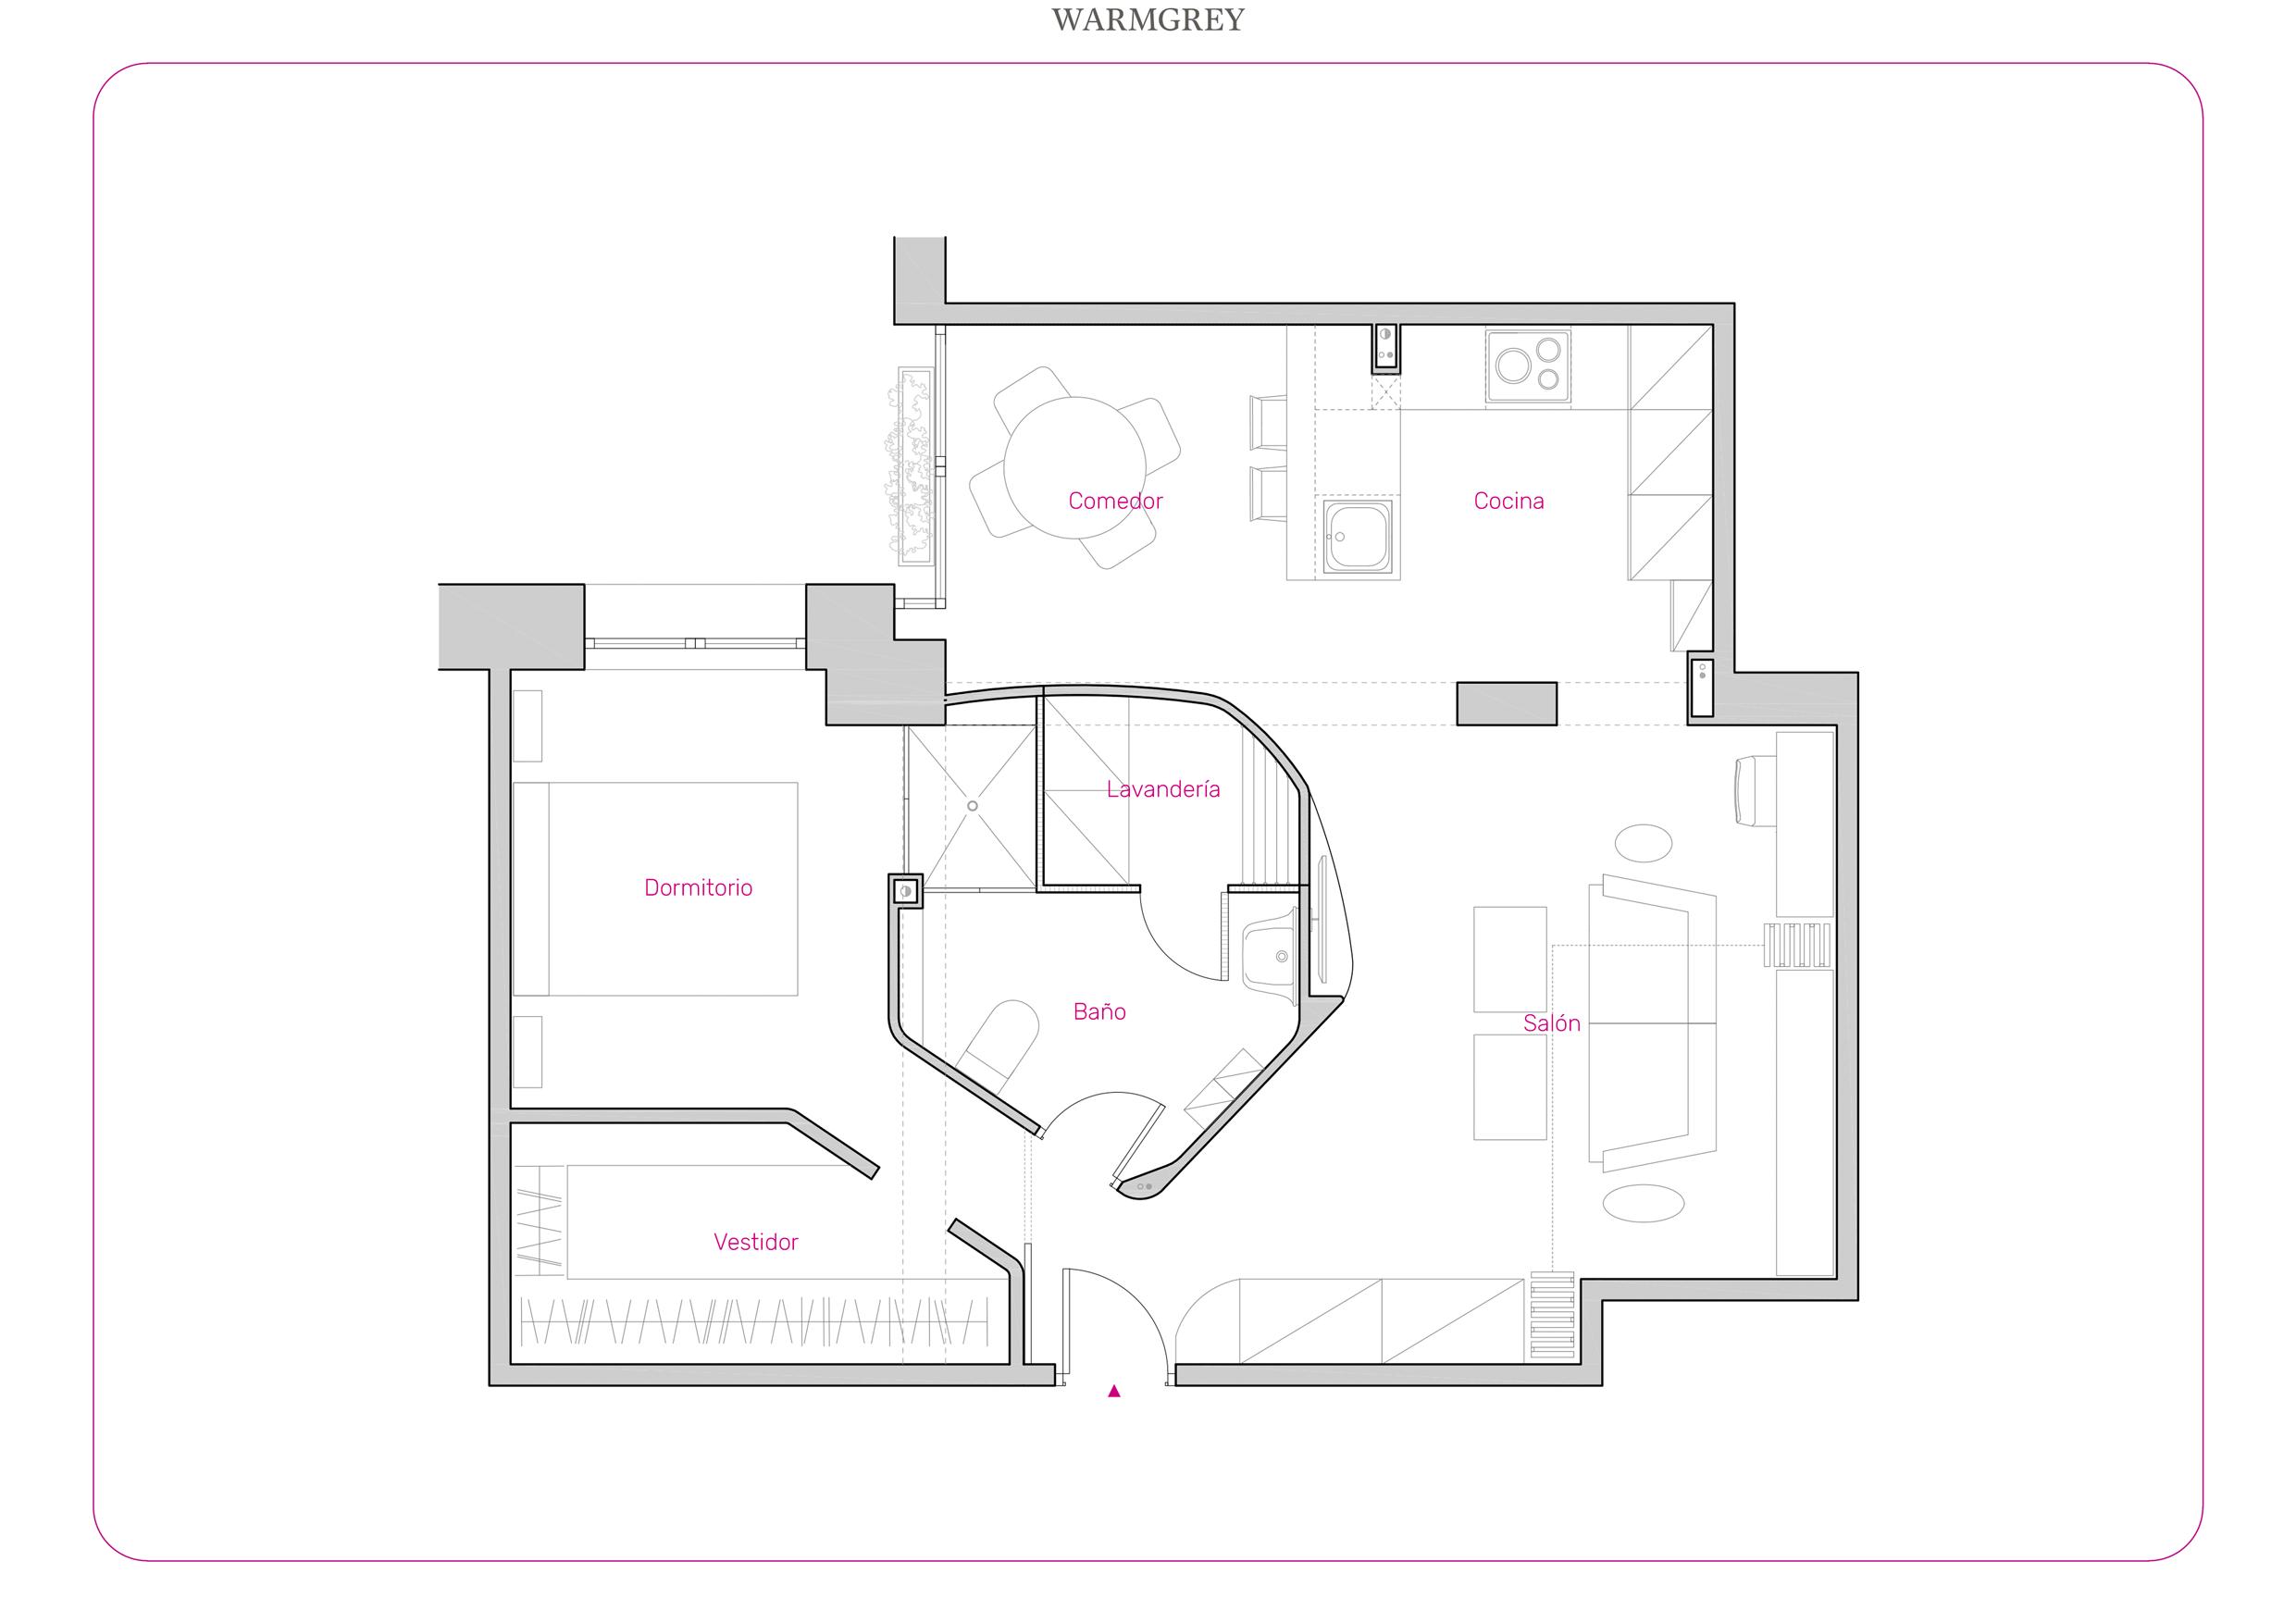 Plano de distribución de una vivienda en Madrid.